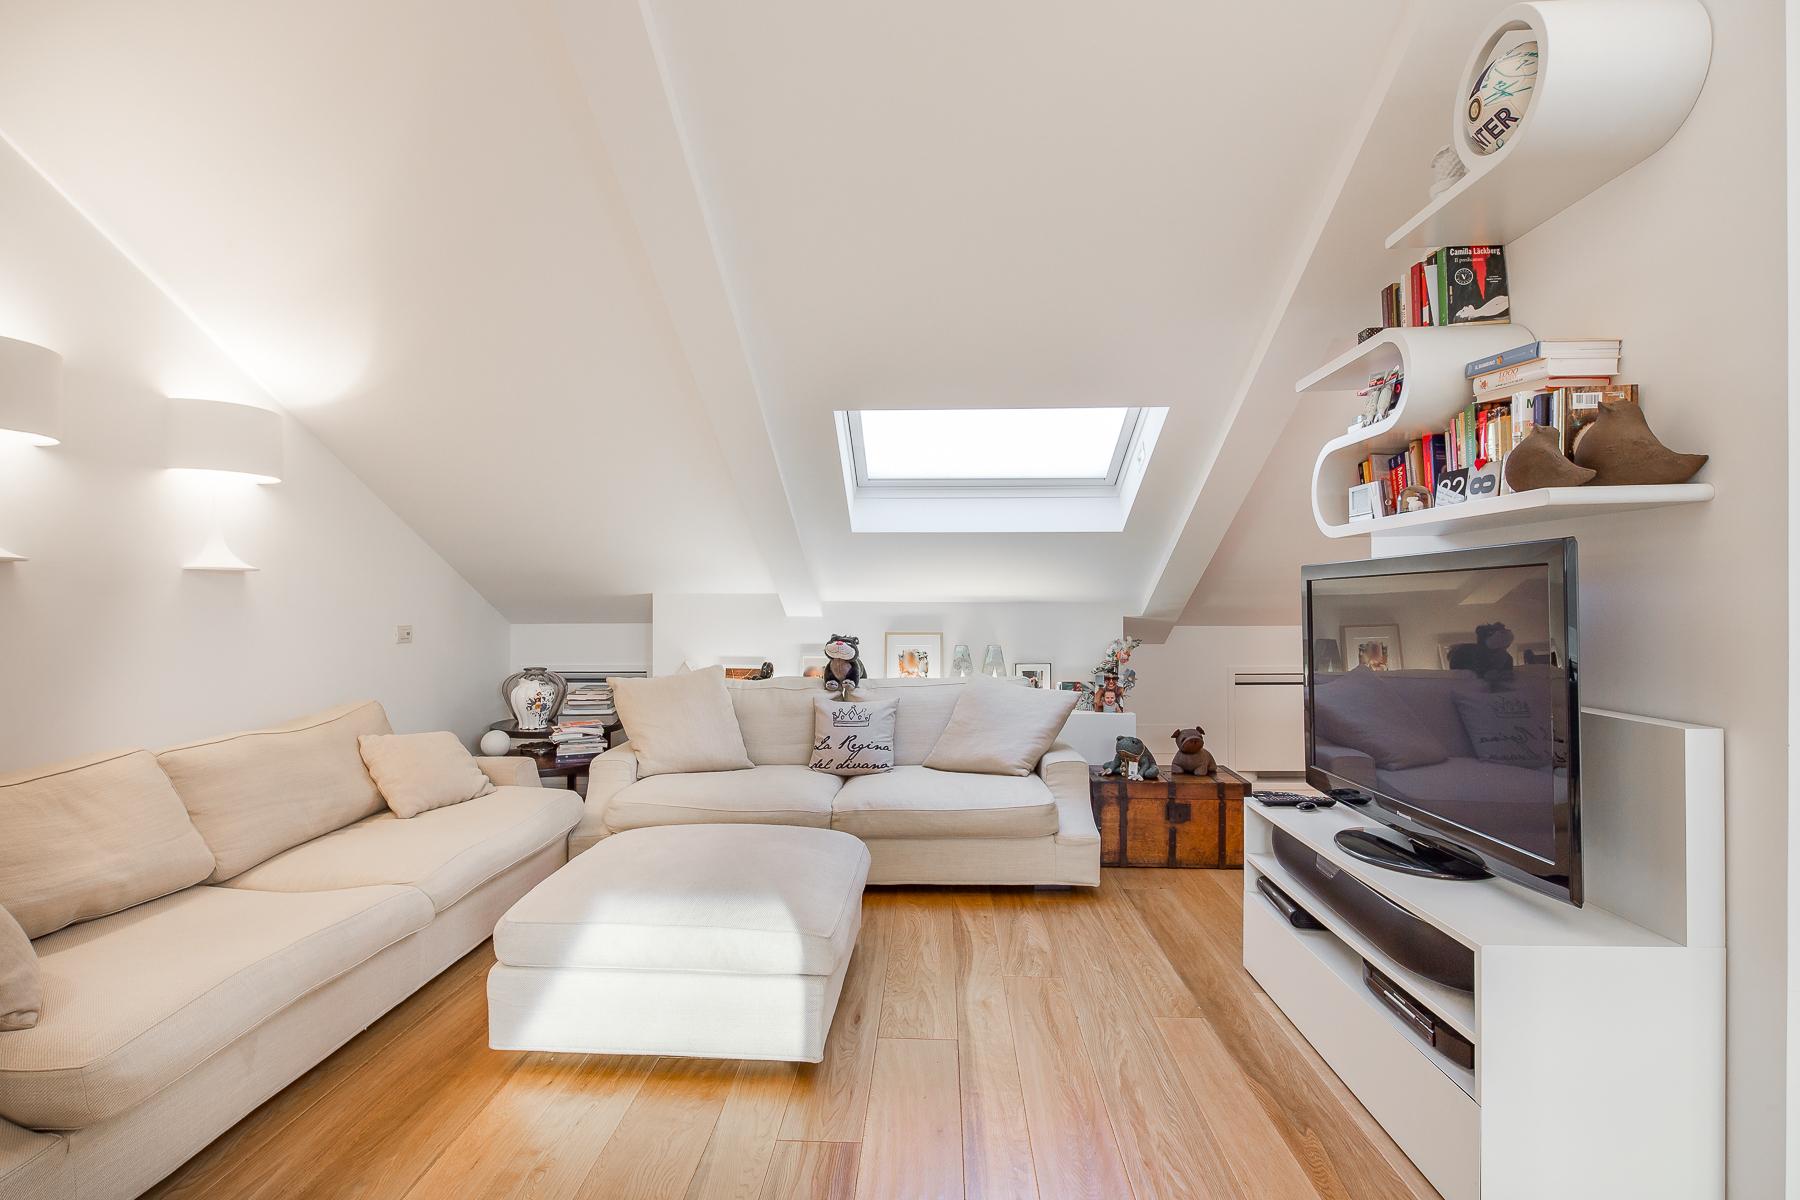 Appartamento in Affitto a Milano 03 Venezia / Piave / Buenos Aires: 3 locali, 131 mq